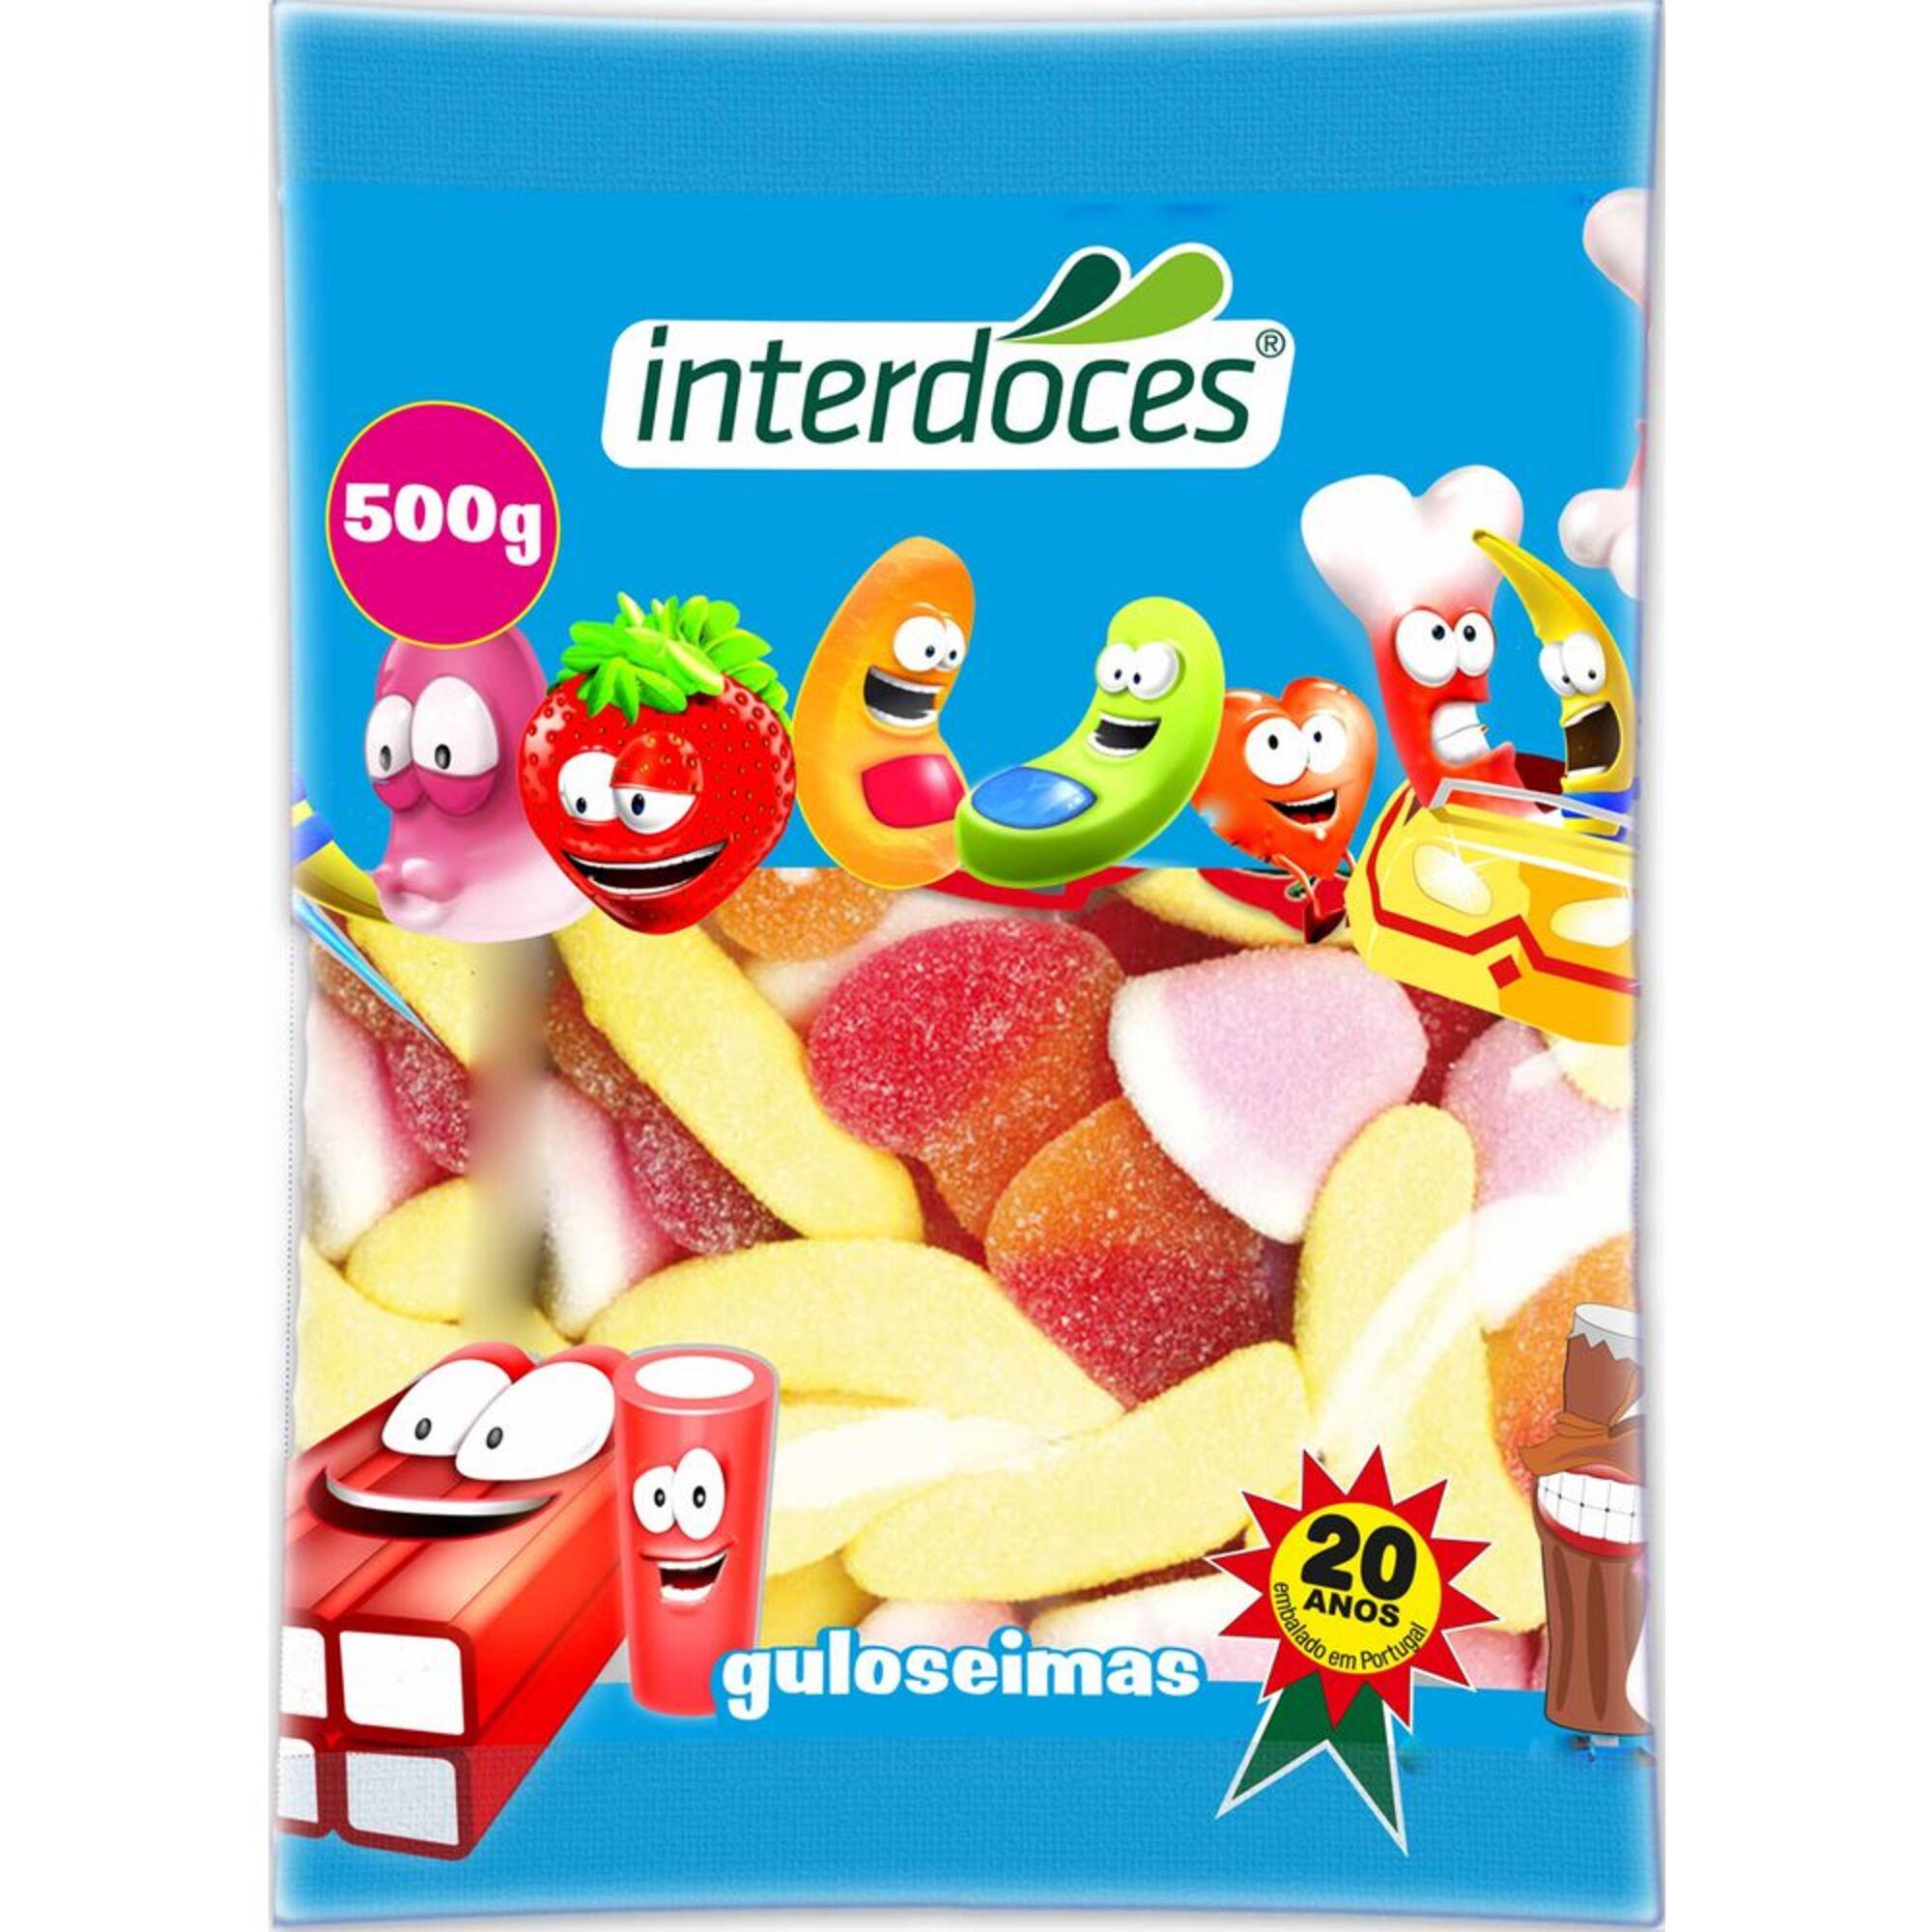 INTERDOCES - INTERDOCES Gomas Açúcar, 500 g, Sortido